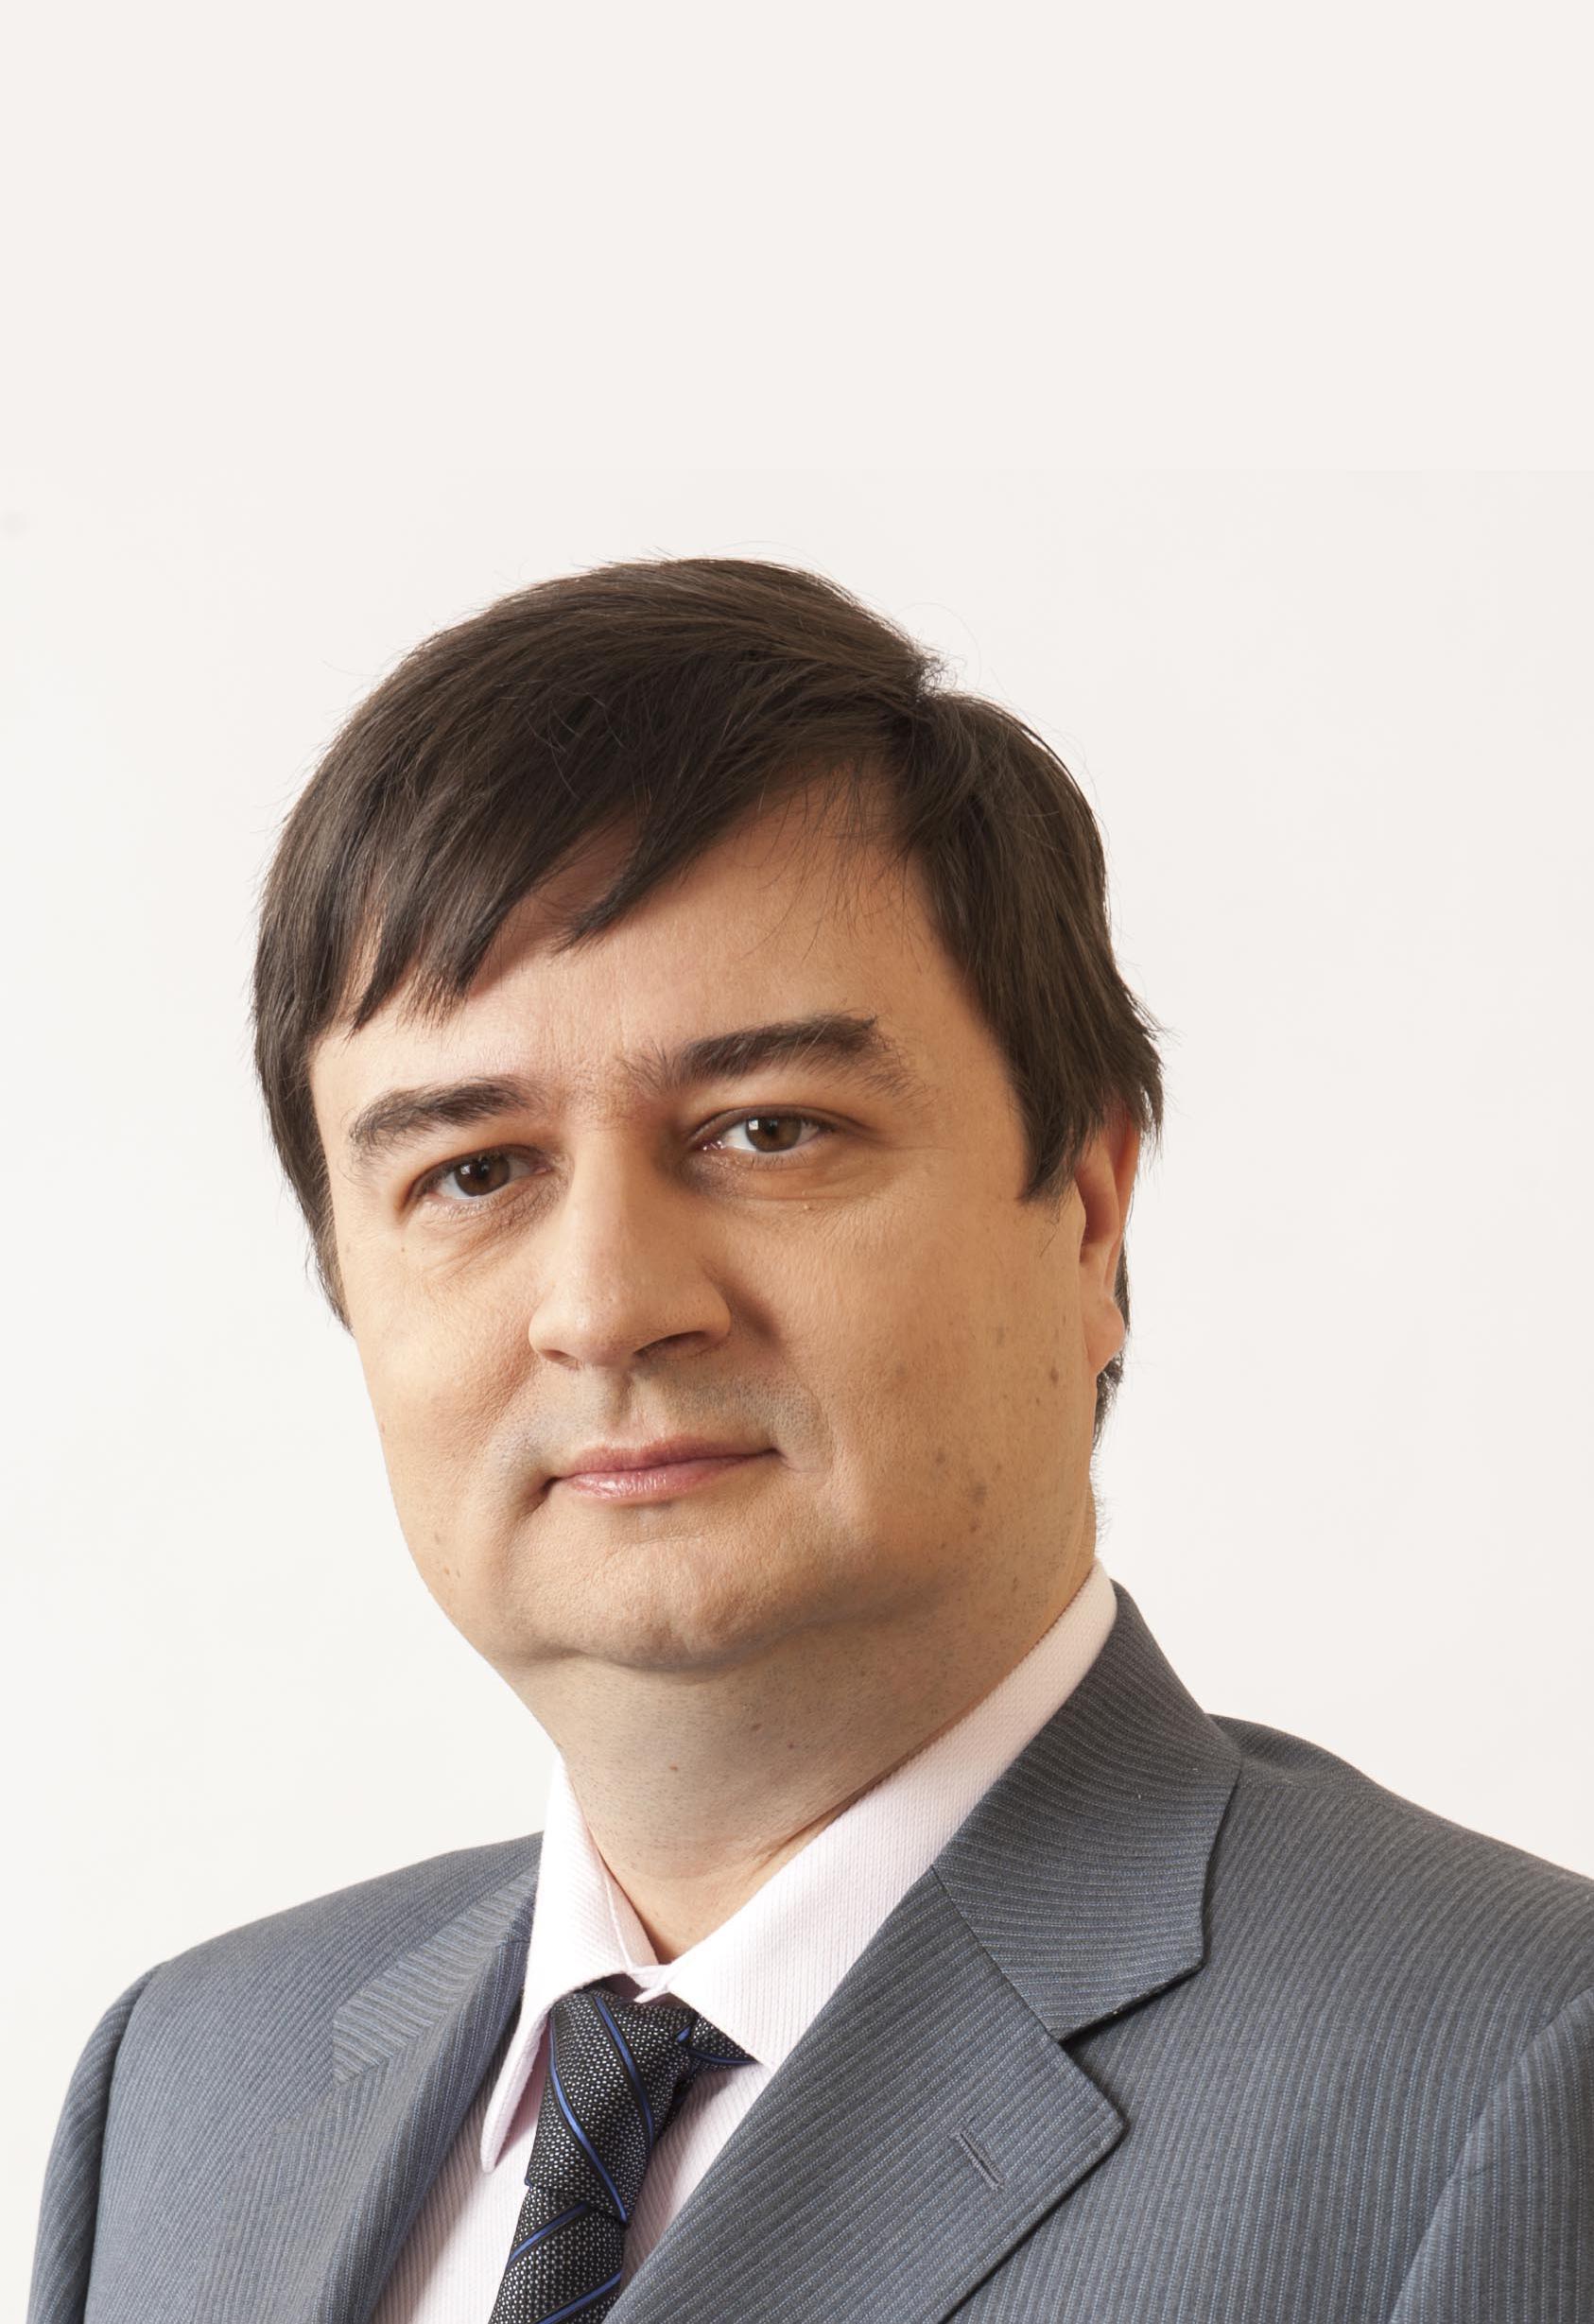 Vadim Makhov